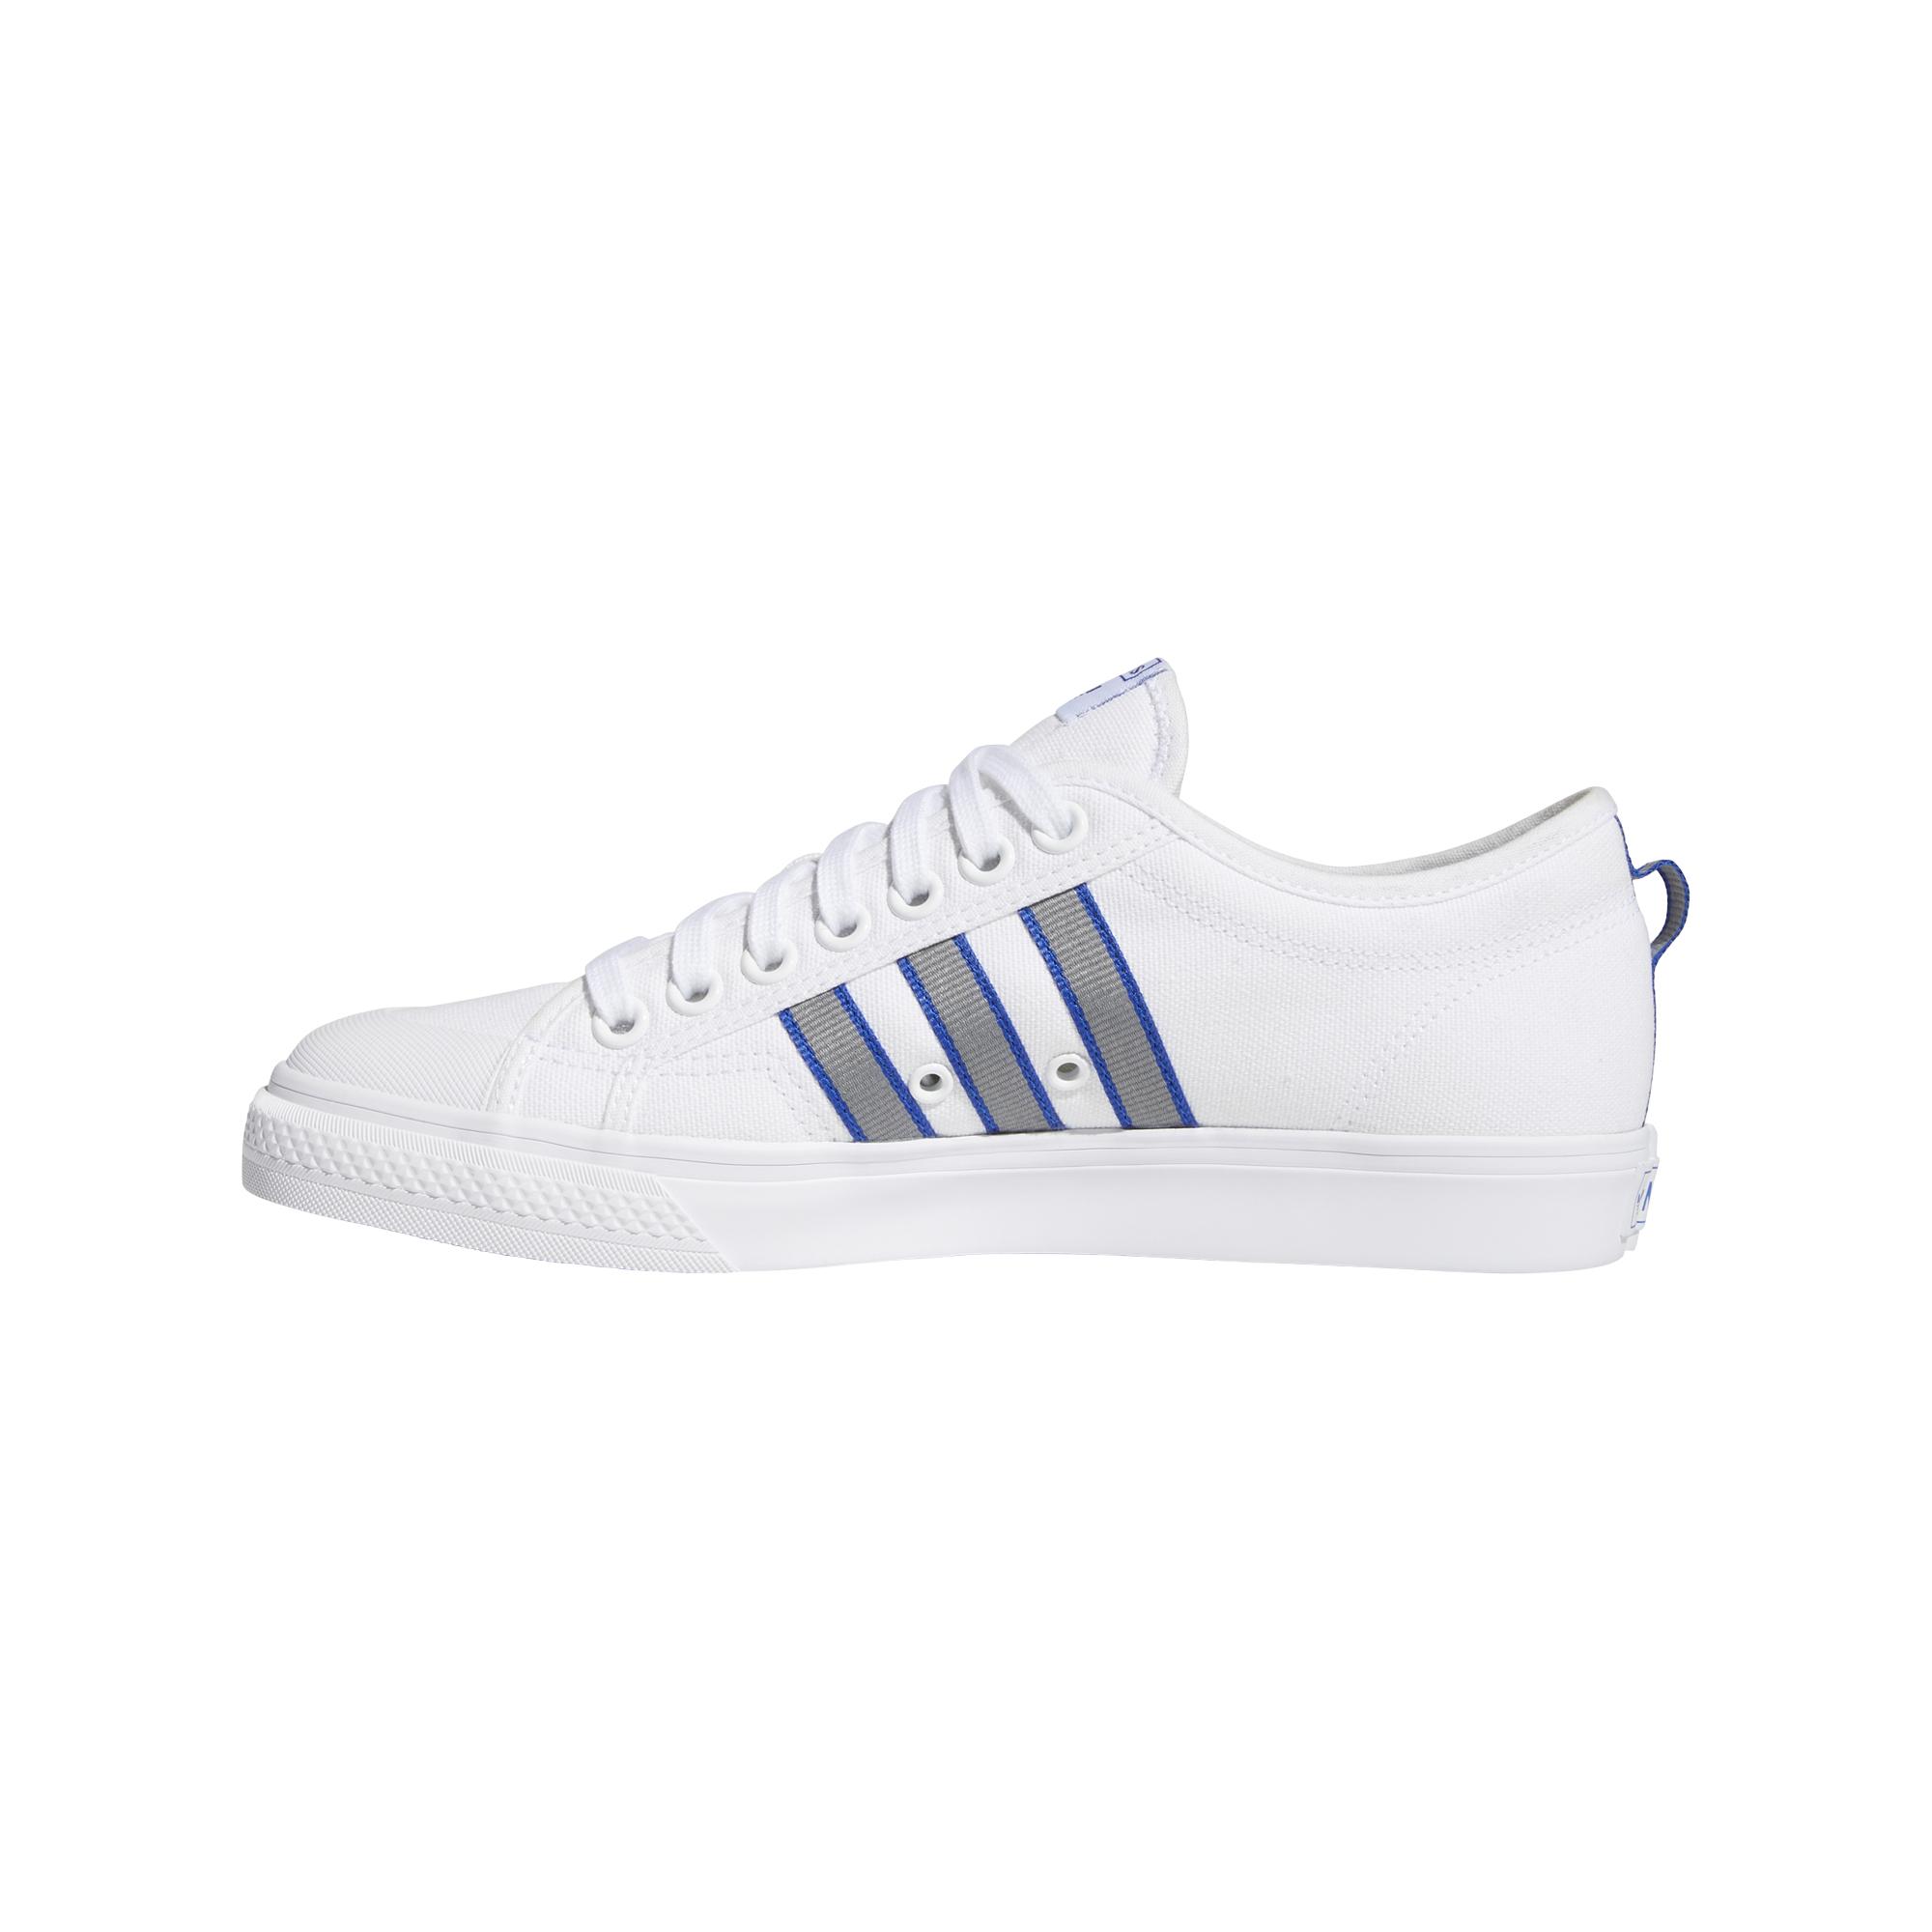 adidas Nizza Ftw White/ Grey Three/ Royal Blue FW4326